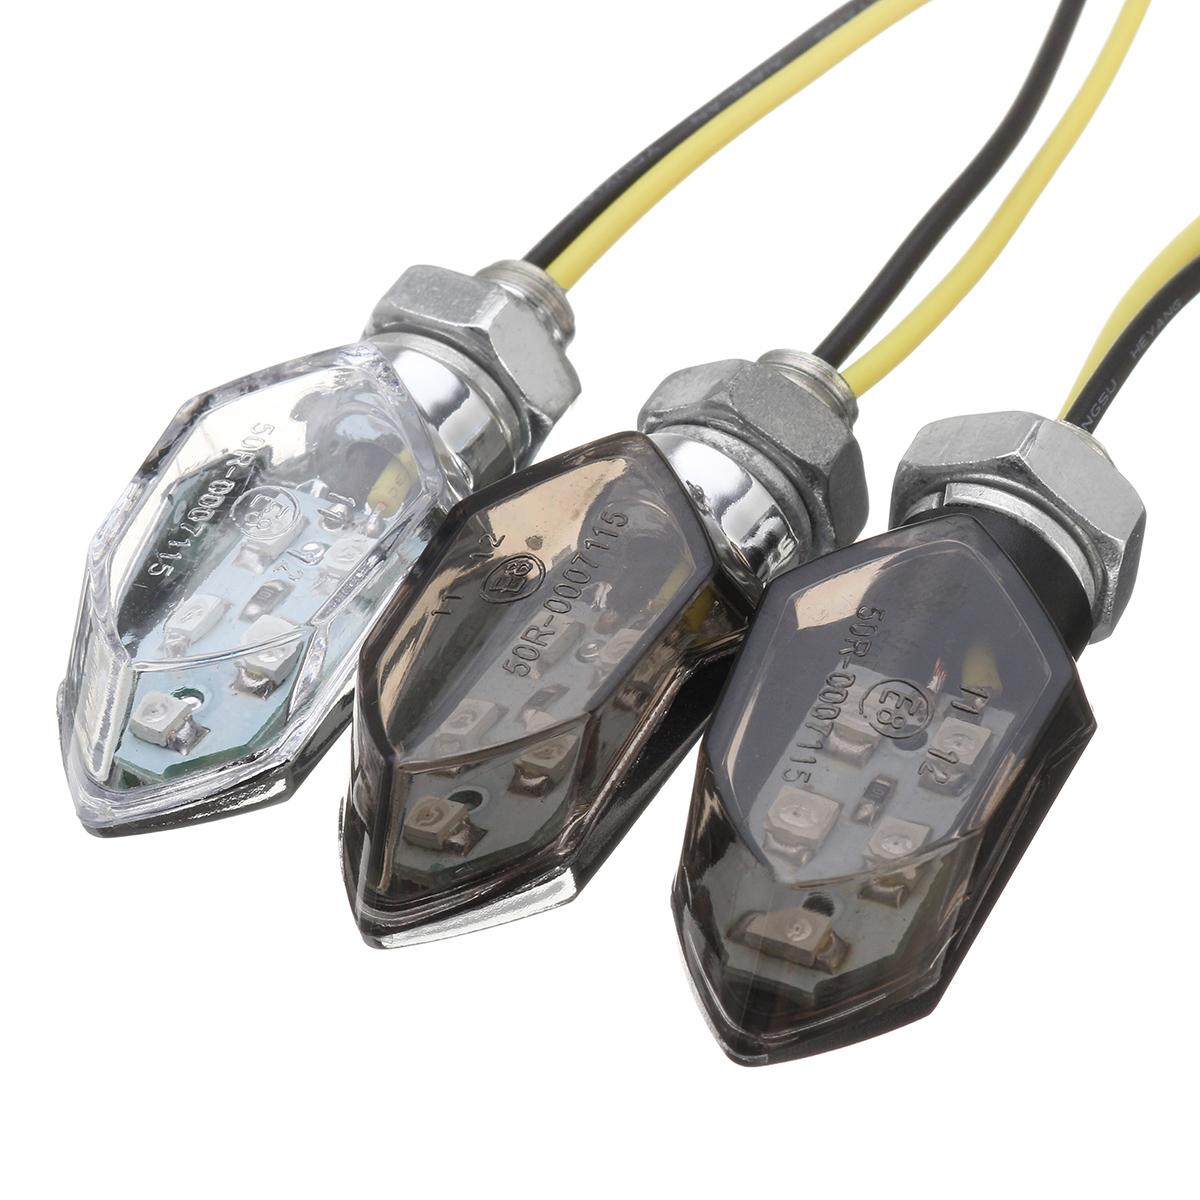 5 smd led turn signal amber mini motorcycle blinker. Black Bedroom Furniture Sets. Home Design Ideas